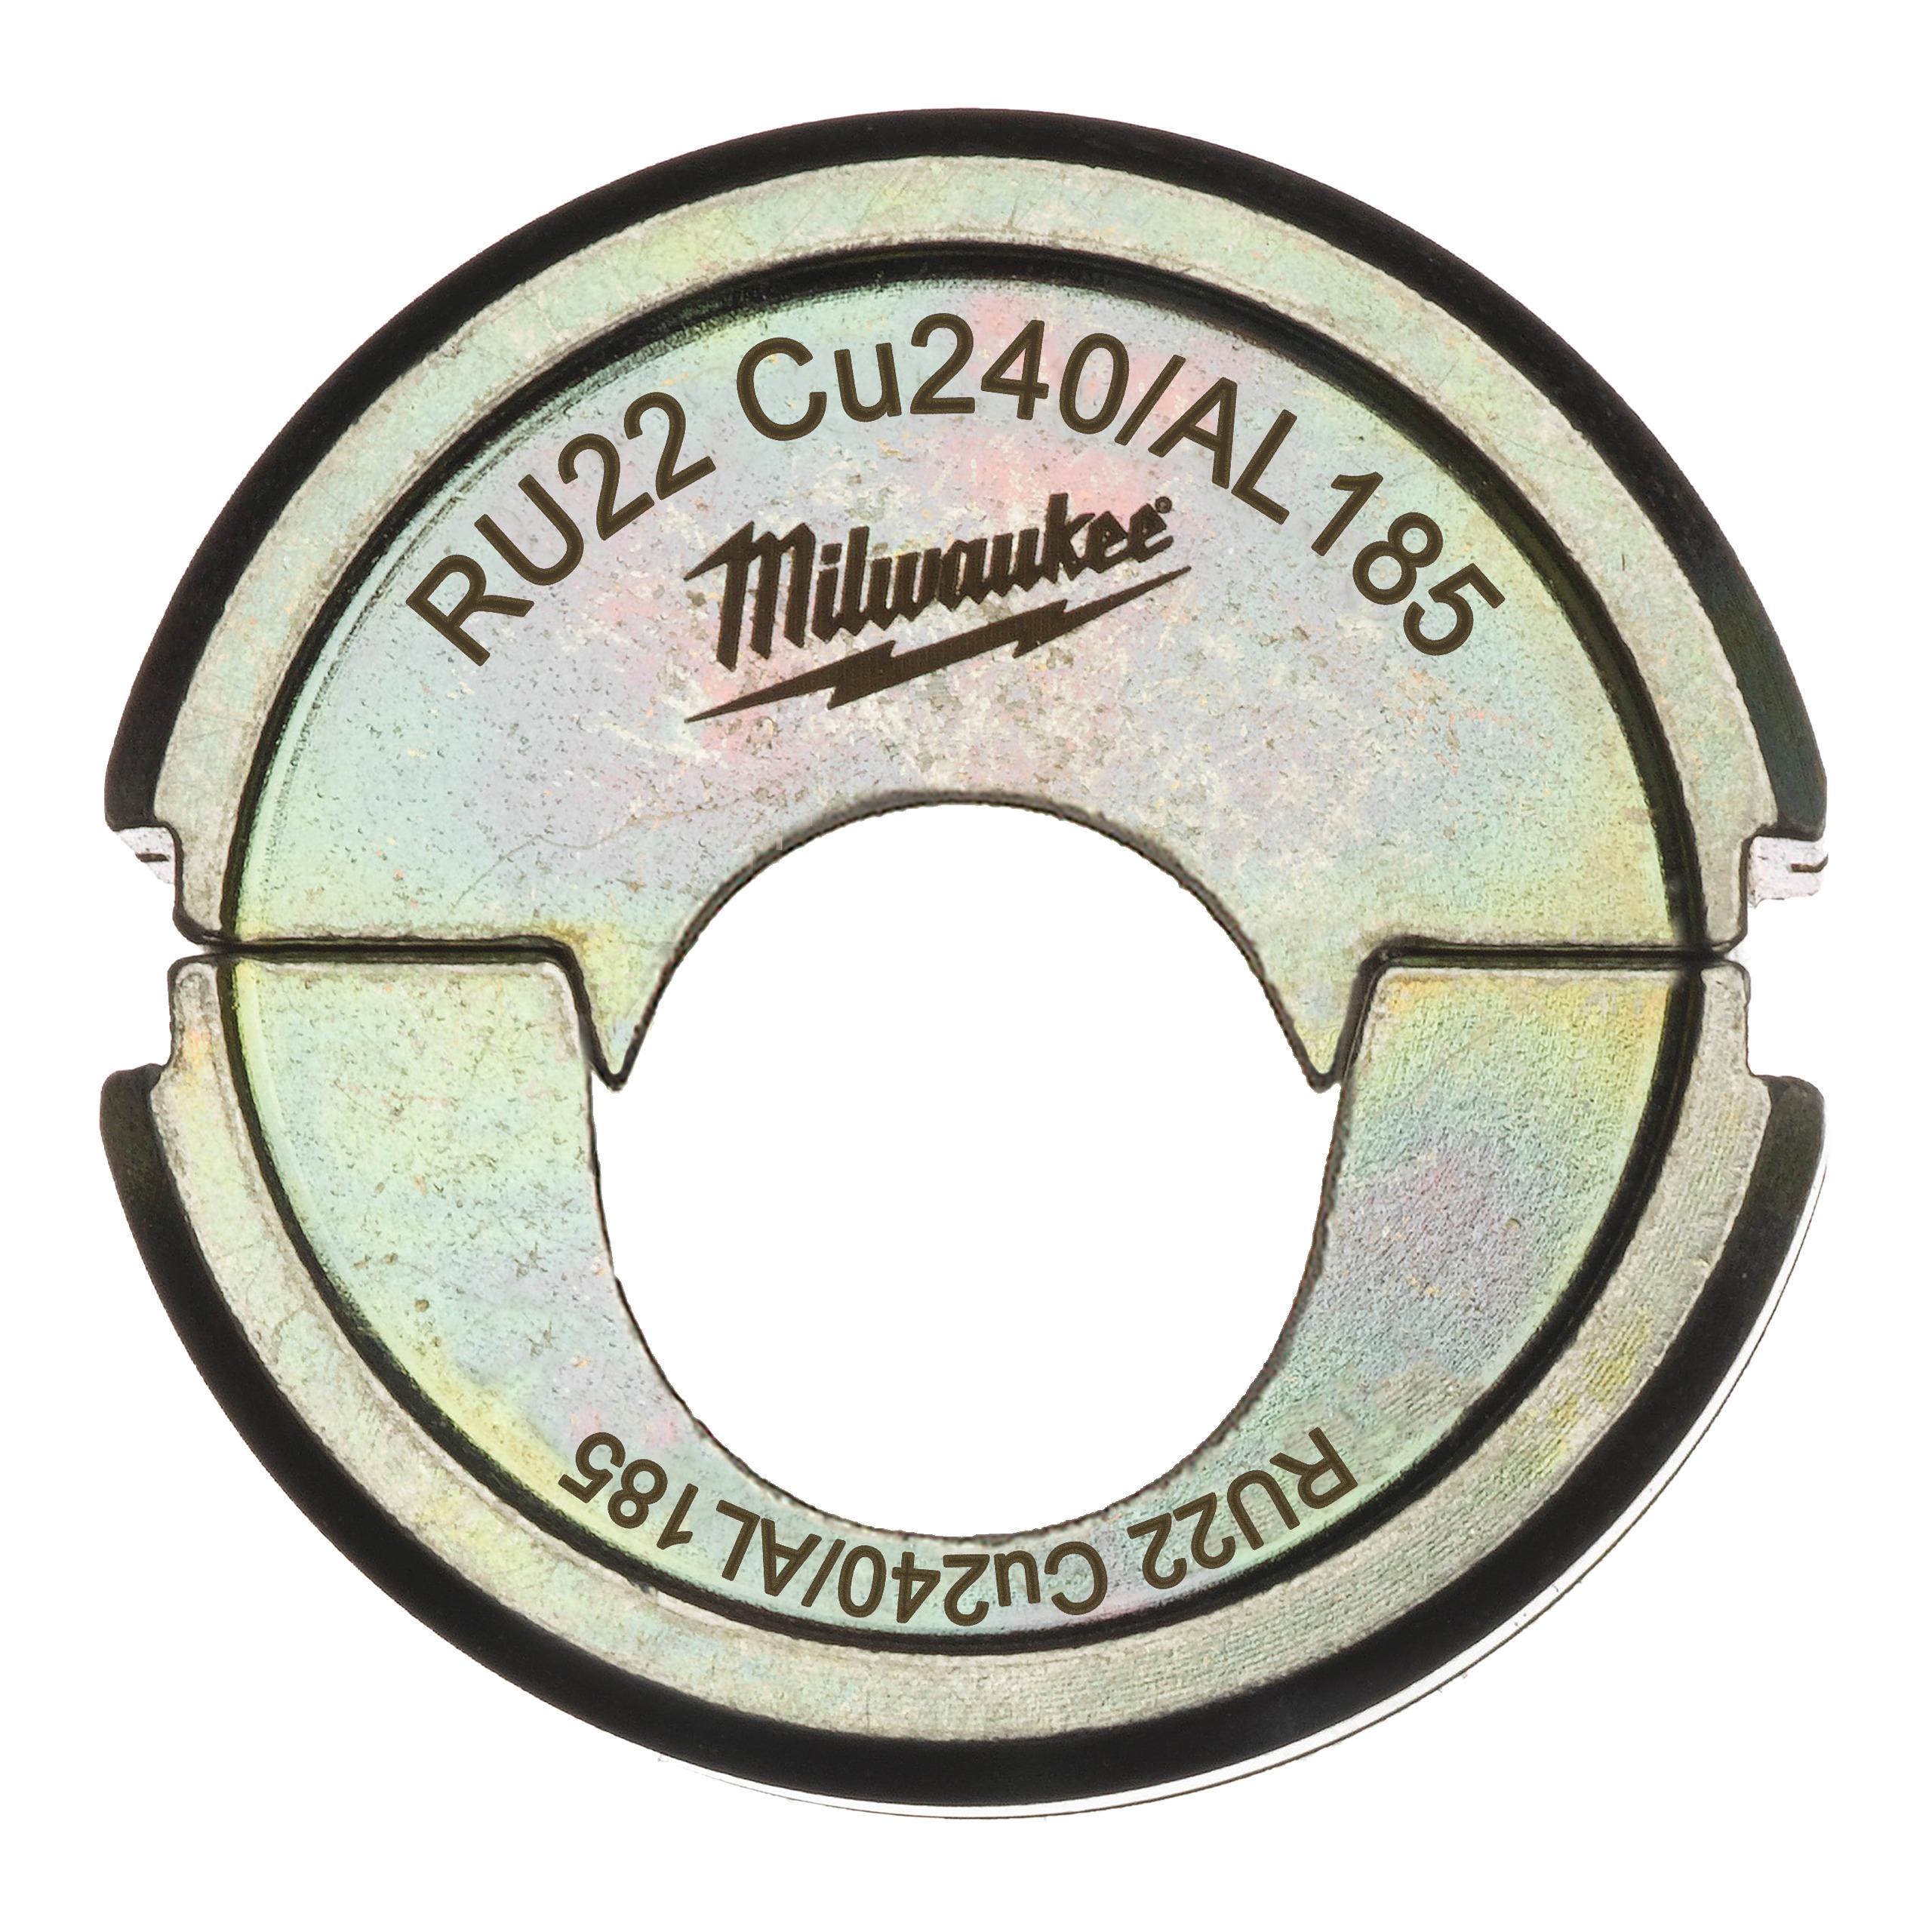 Krimpovací čelisti  RU22 Cu240/AL185